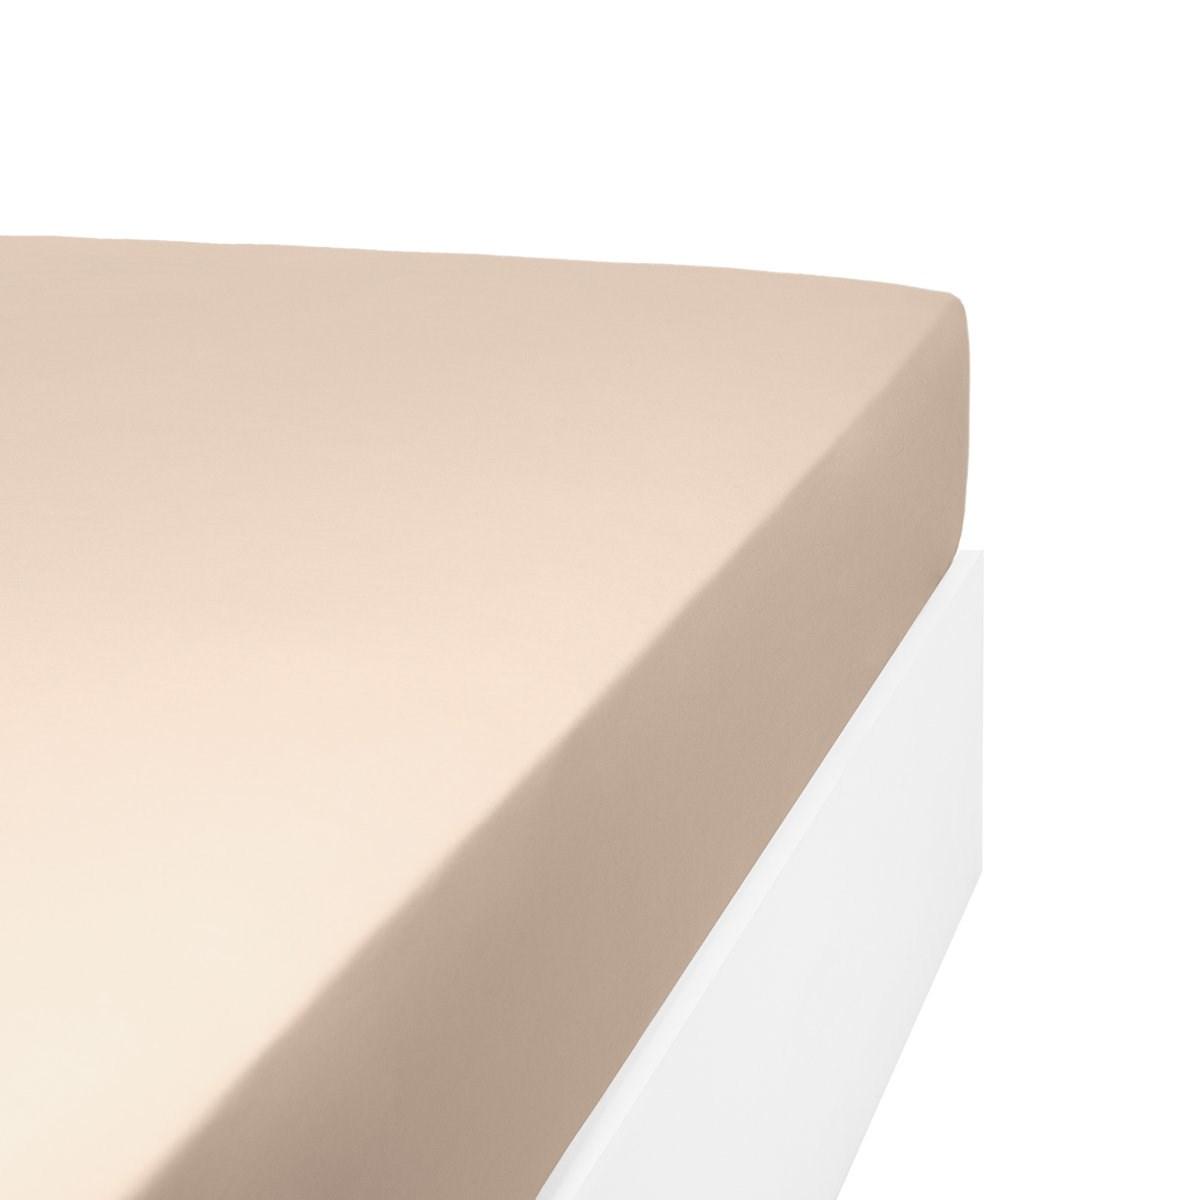 Drap housse uni 200 fils en de coton beige foncé 140x190 cm